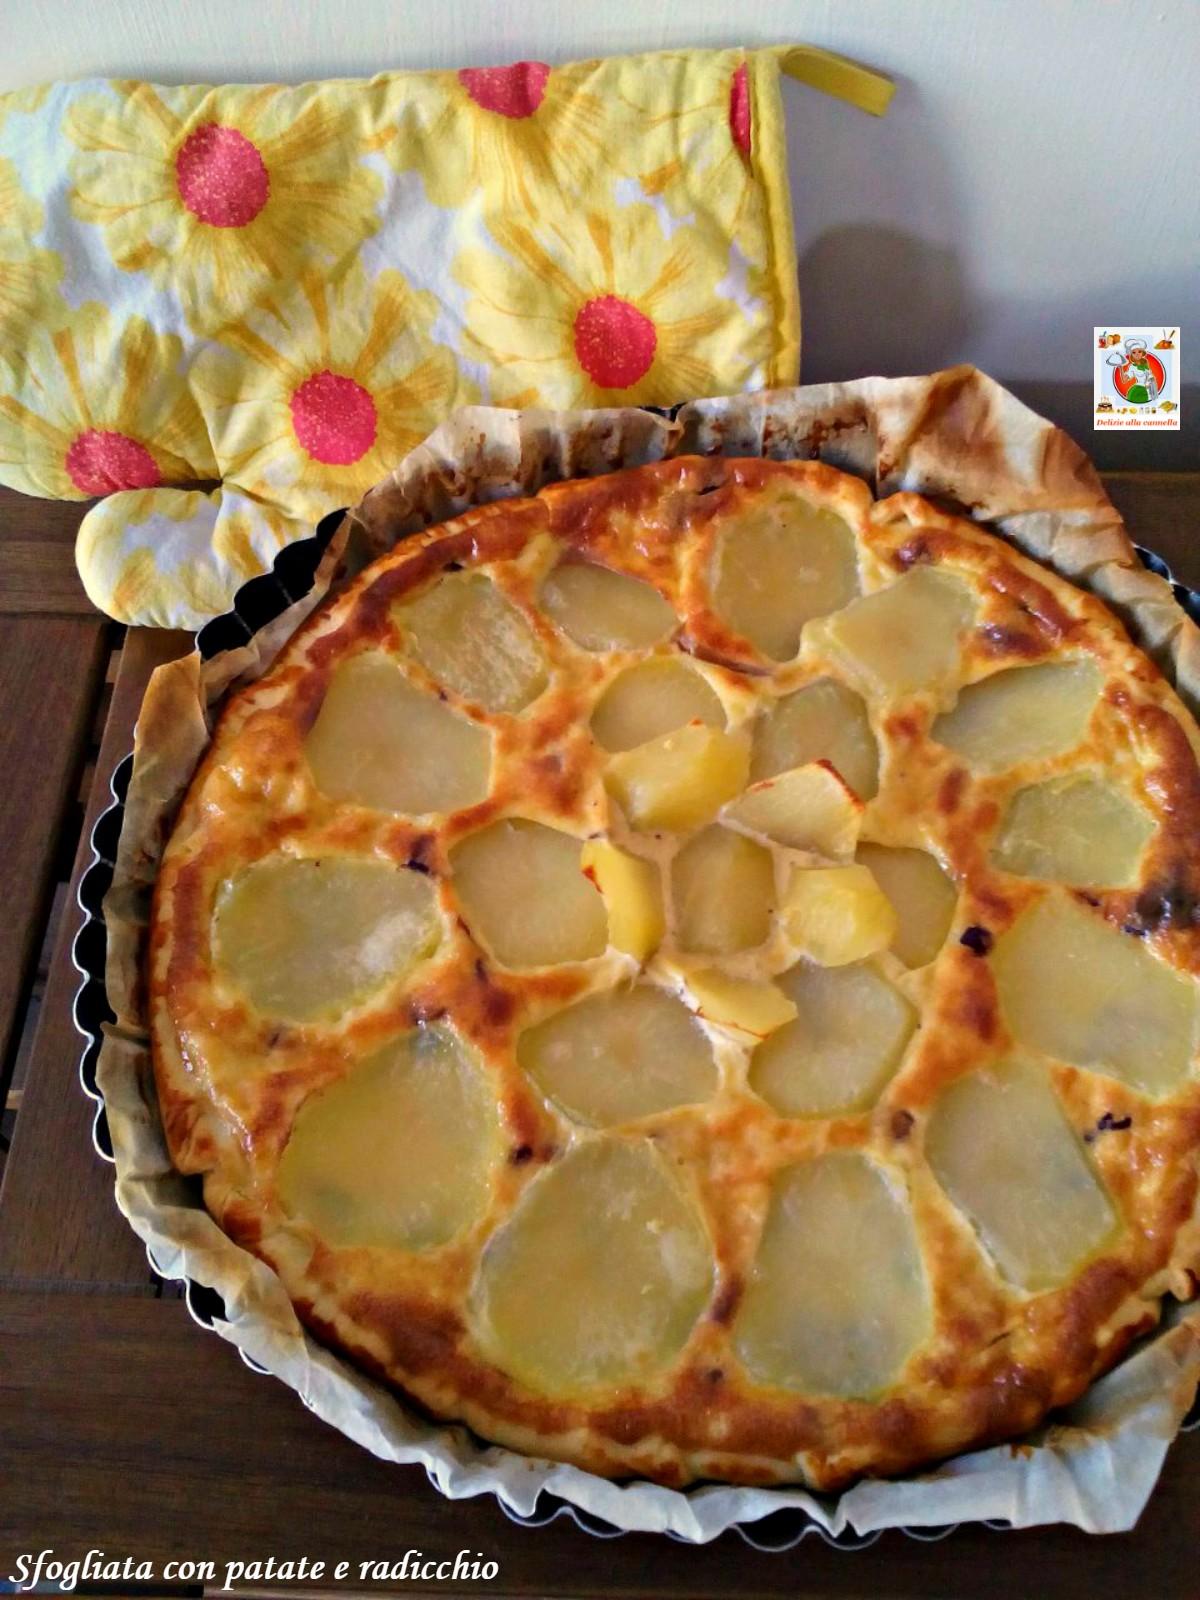 sfogliata con patate e radicchio v1